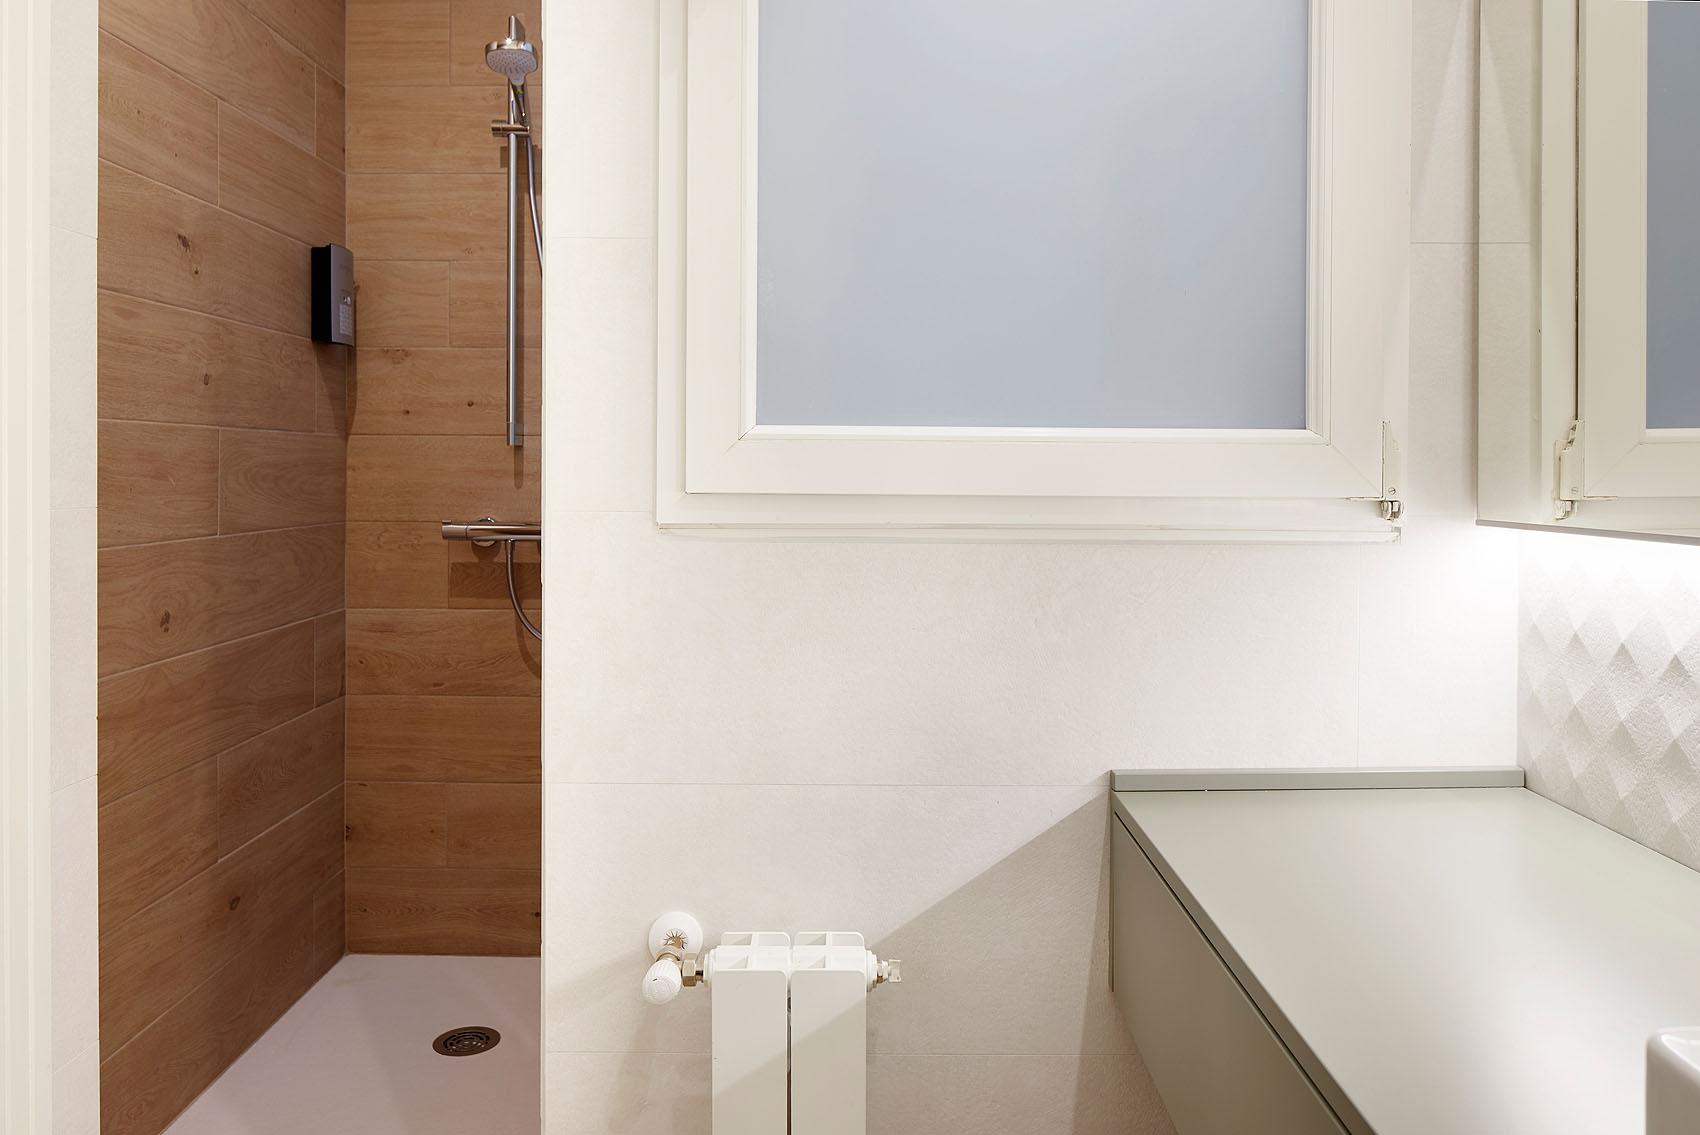 Apartamento turistico Allegra - Iñaki Caperochipi - Fotografía